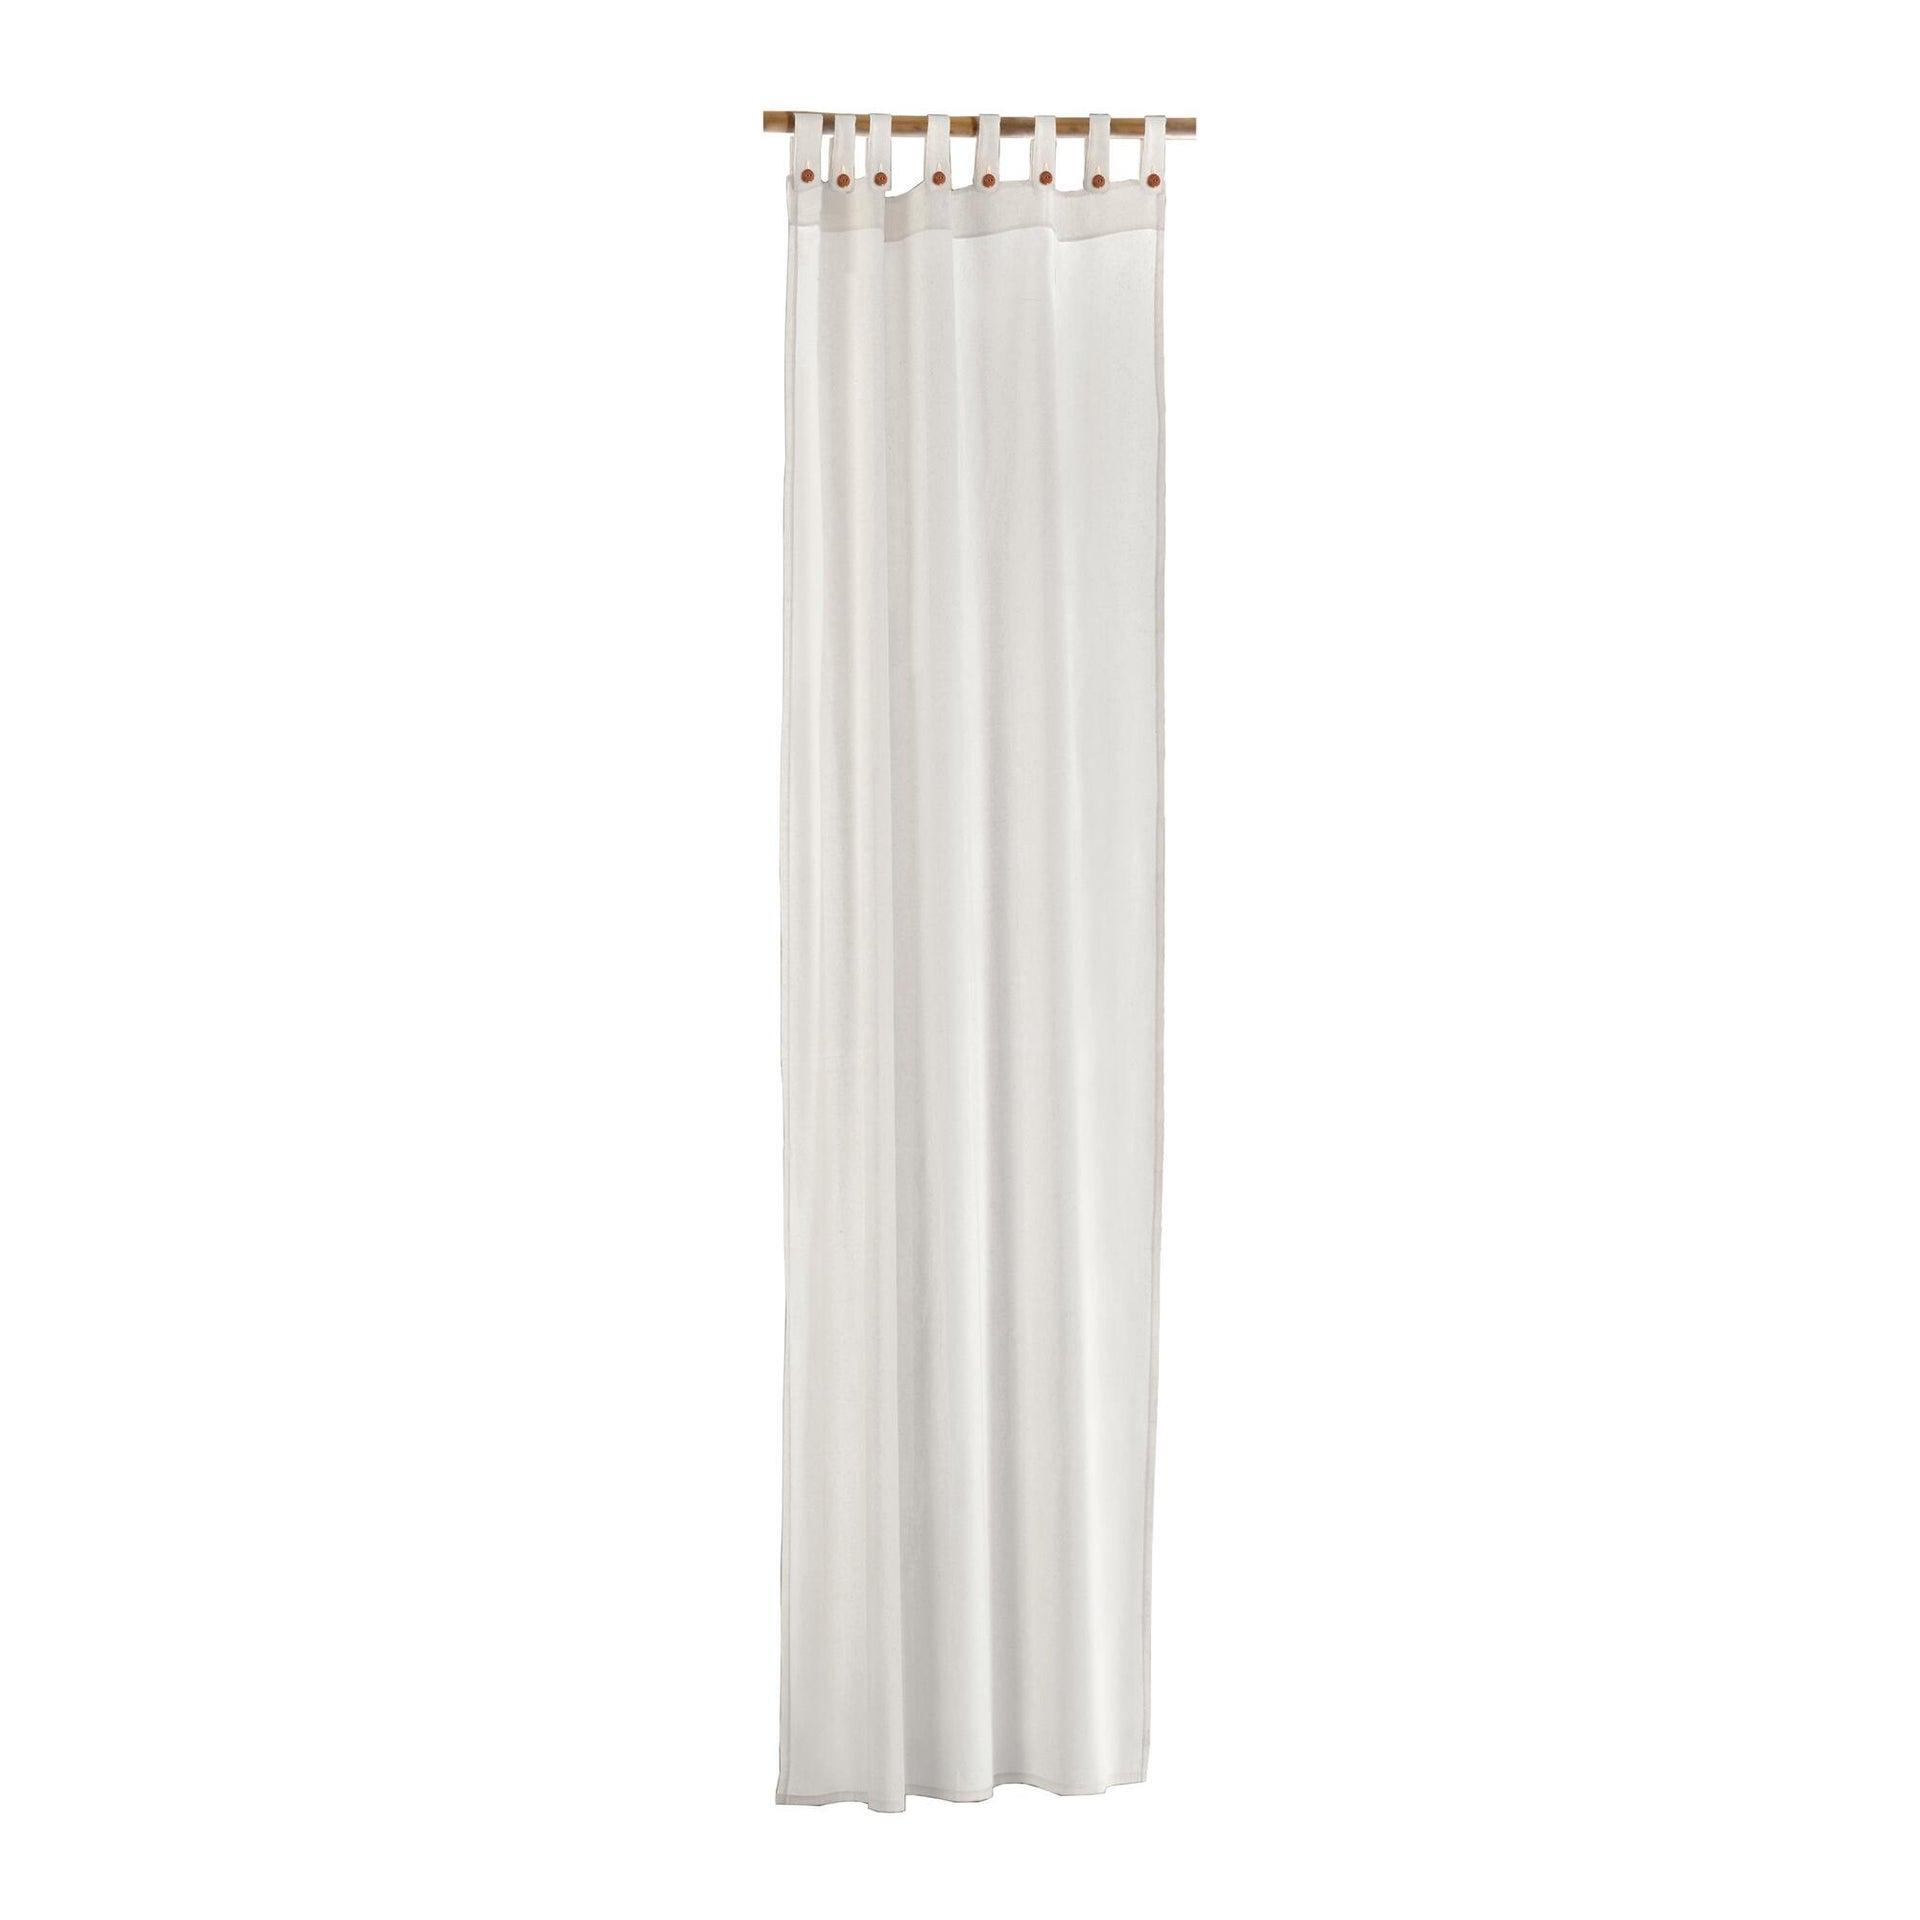 Tenda Gazebo bianco con passanti 140 x 280 cm - 4